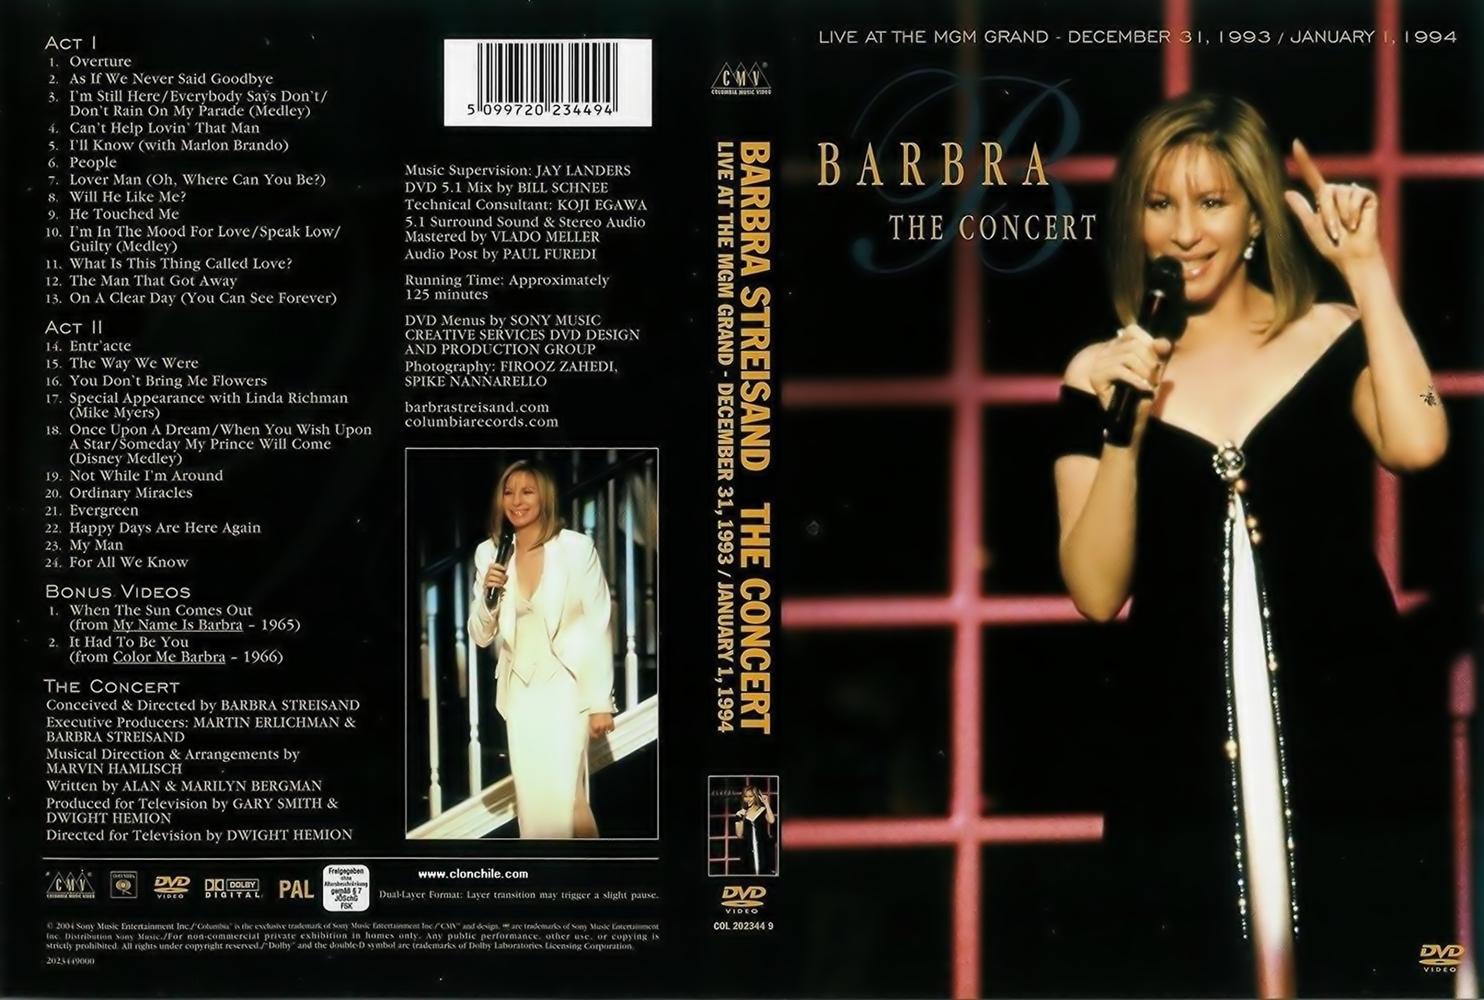 http://1.bp.blogspot.com/-ztzEtX0UAS0/Tl-G5geCkBI/AAAAAAAAJUE/ChBhDg8CaEg/s1600/Barbra+Streisand+%25E2%2580%2593+The+Concert.jpg